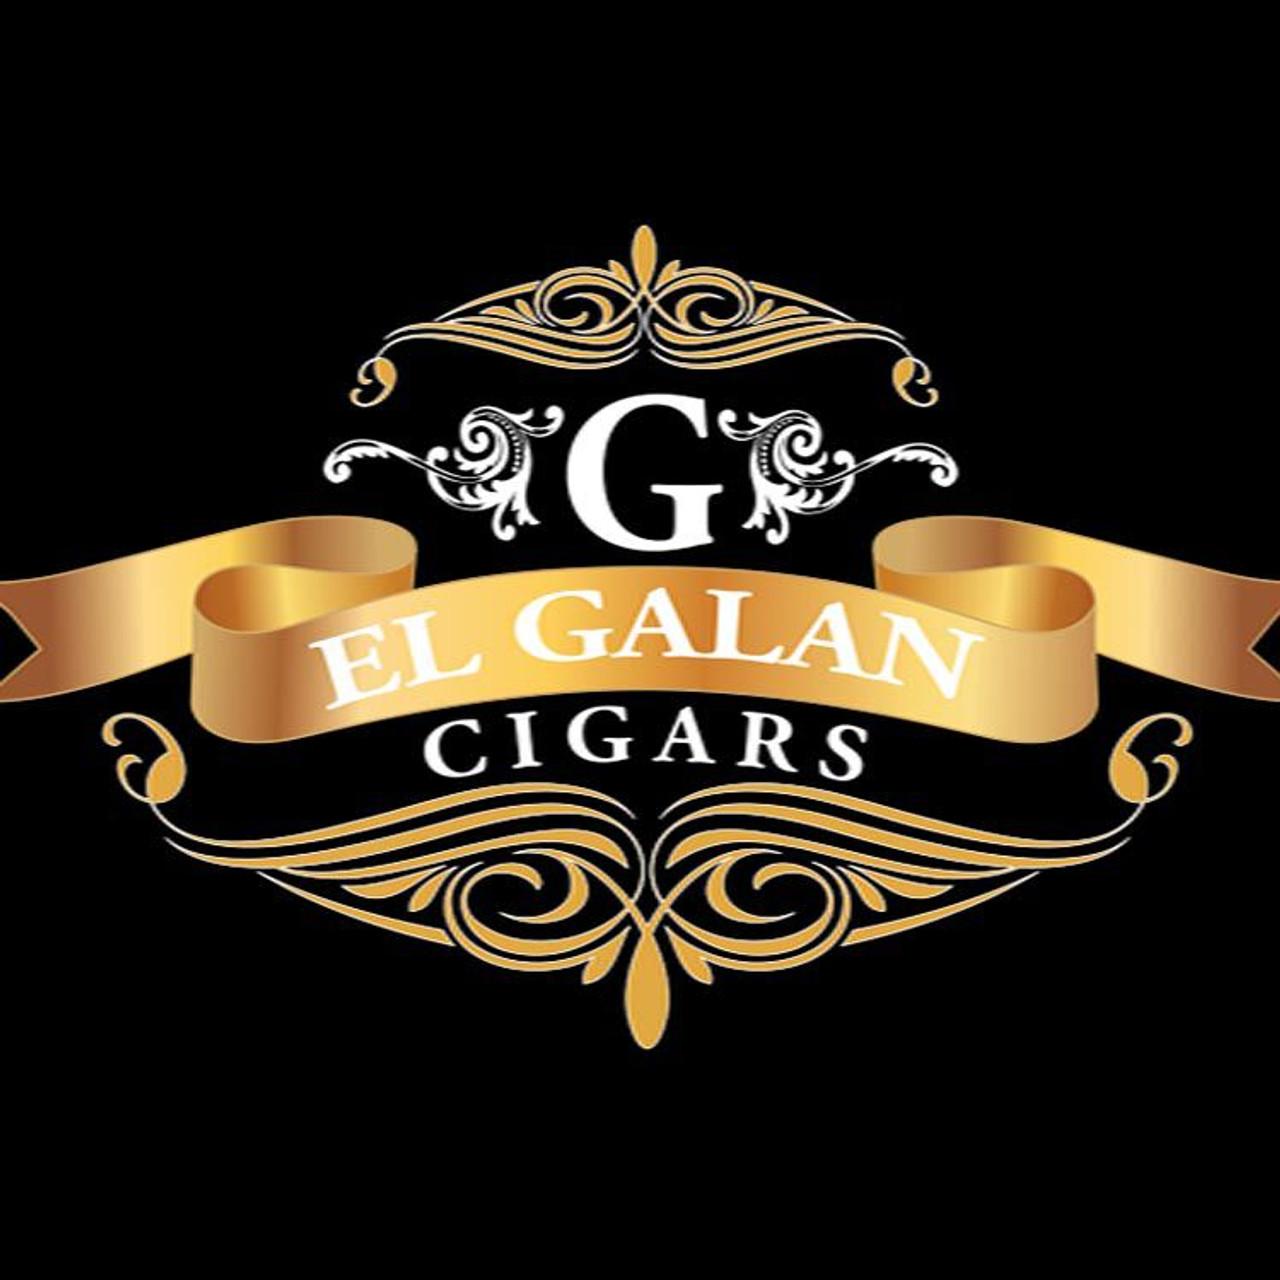 El Galan Campechano Torpedo Maduro Cigars - 6 x 52 (Bundle of 25)